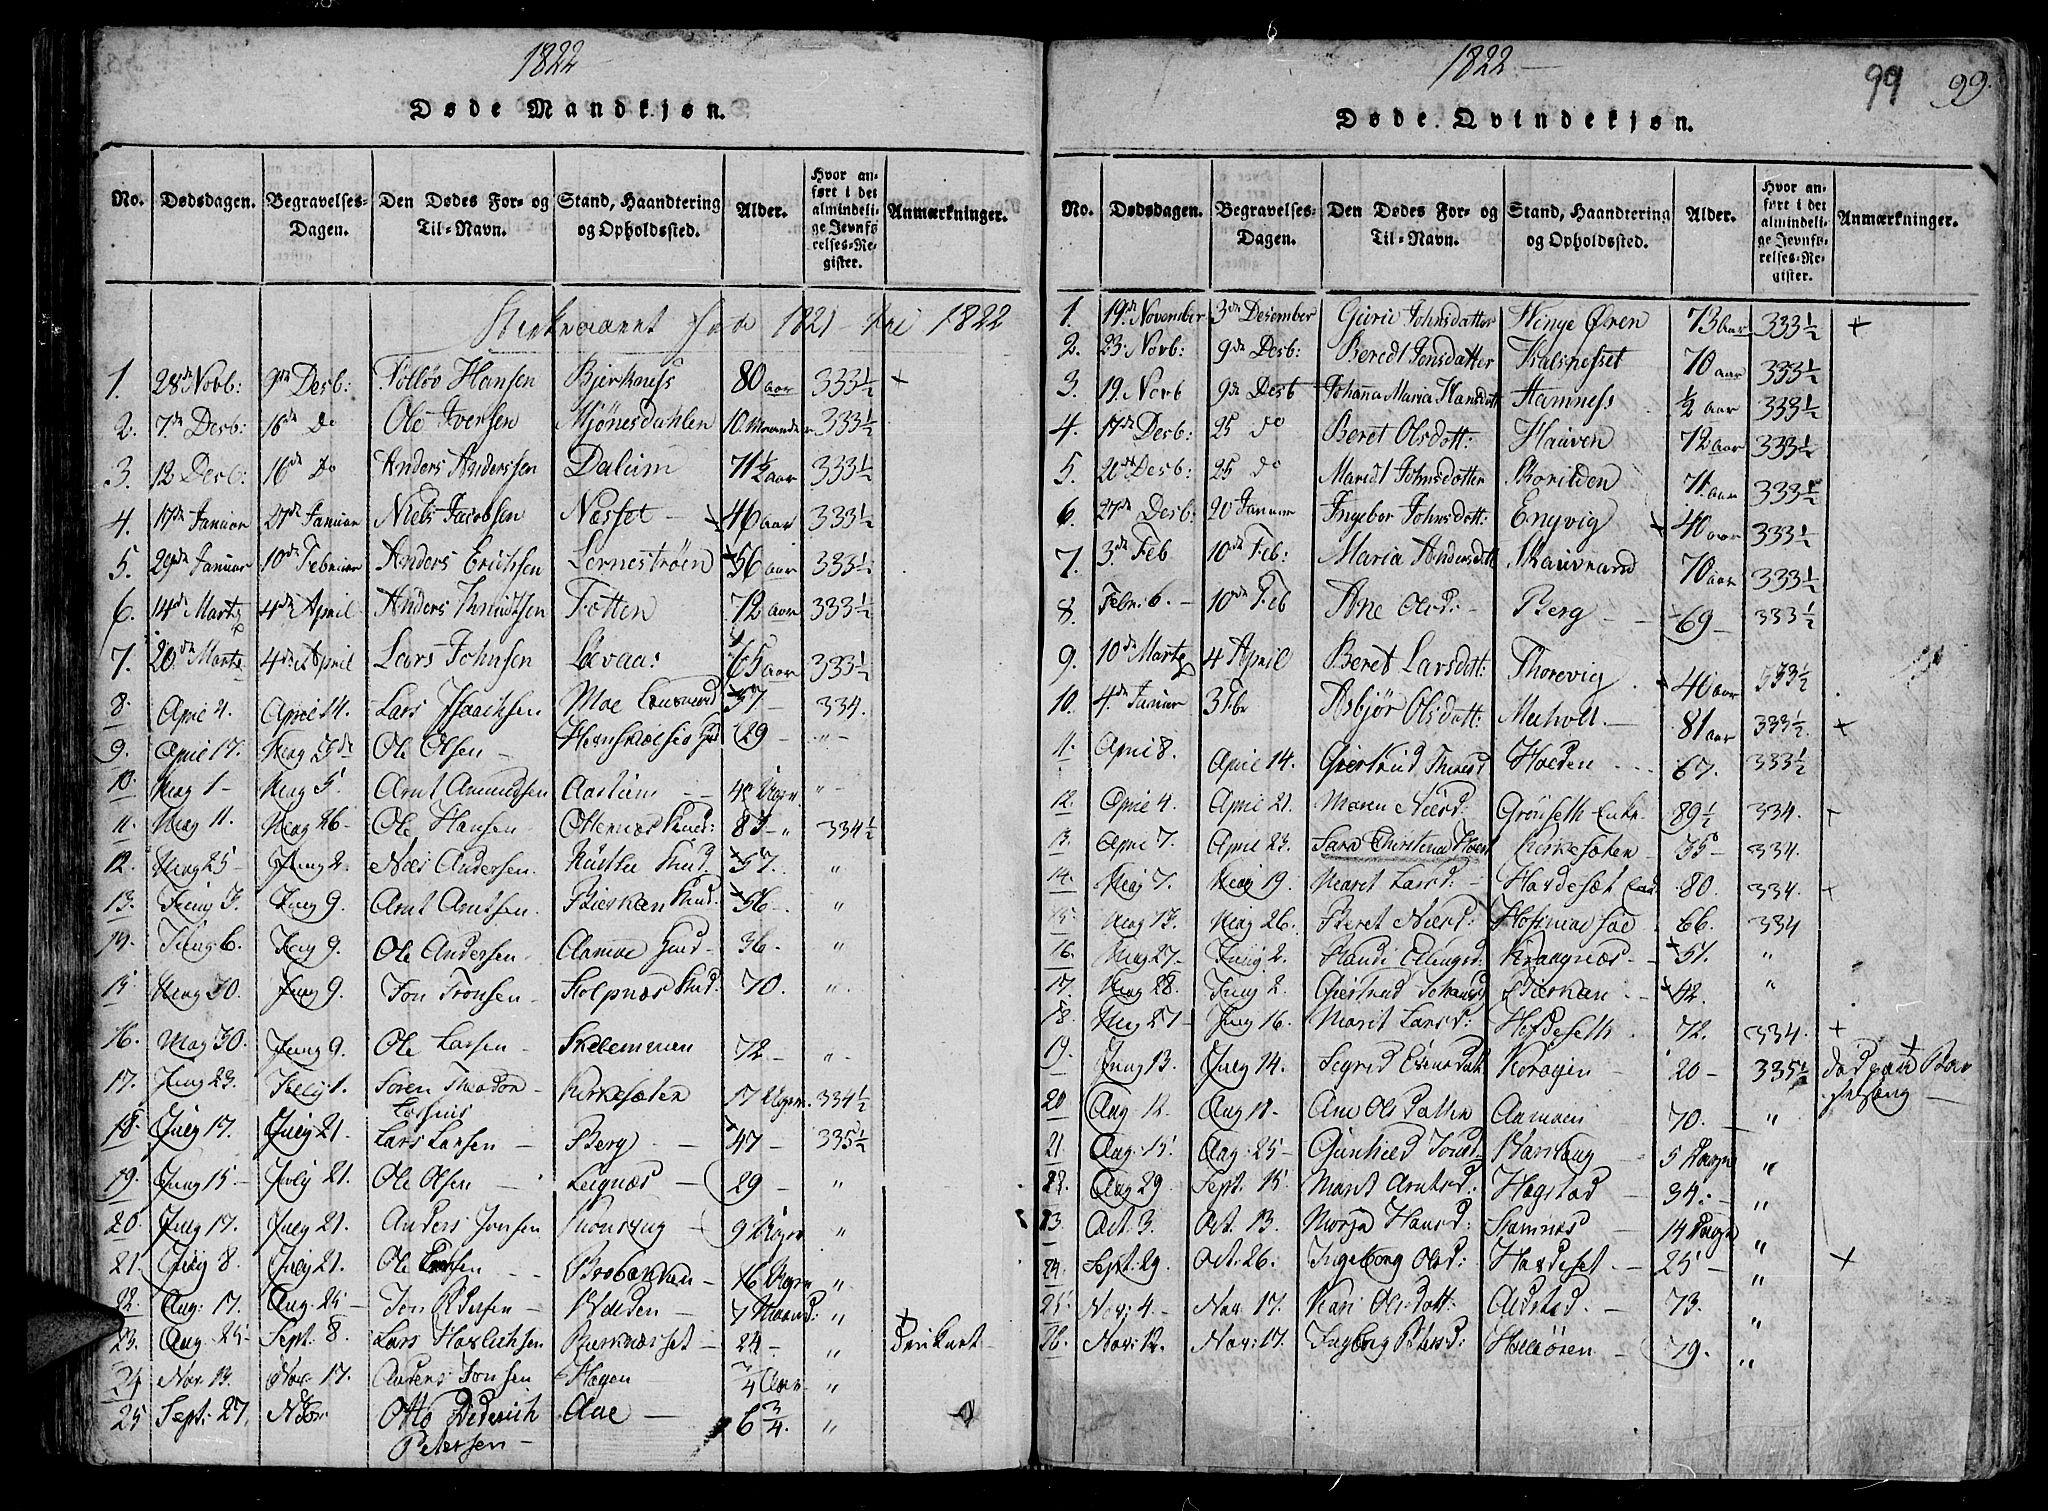 SAT, Ministerialprotokoller, klokkerbøker og fødselsregistre - Sør-Trøndelag, 630/L0491: Ministerialbok nr. 630A04, 1818-1830, s. 99